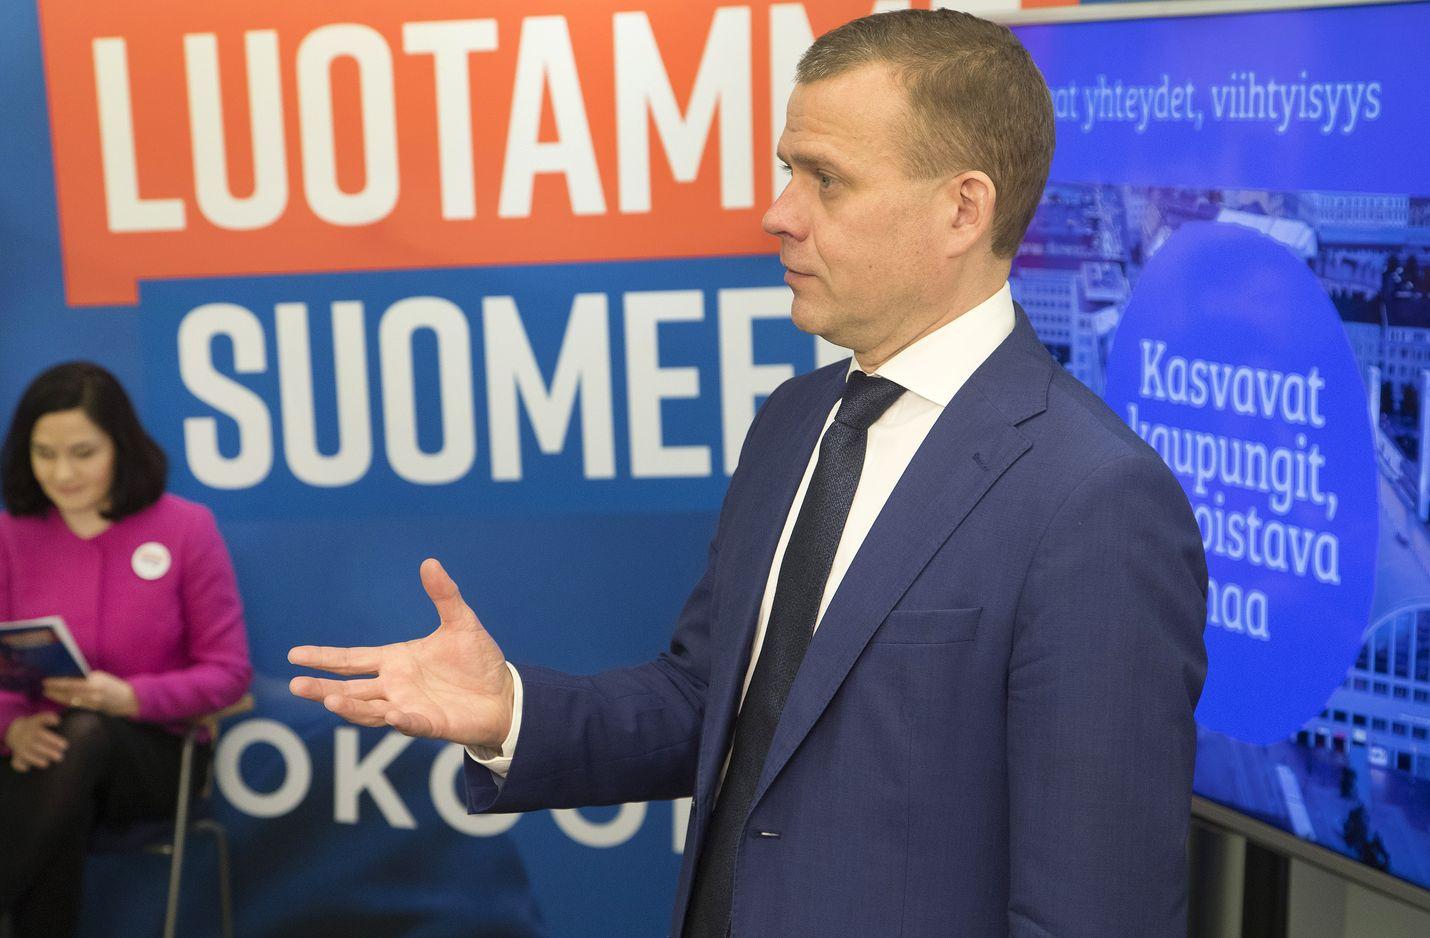 Kokoomuksen puheenjohtaja Petteri Orpo linjasi, että kaupungit ja kunnat kantavat parhaiten vastuun soten uudistamisesta.